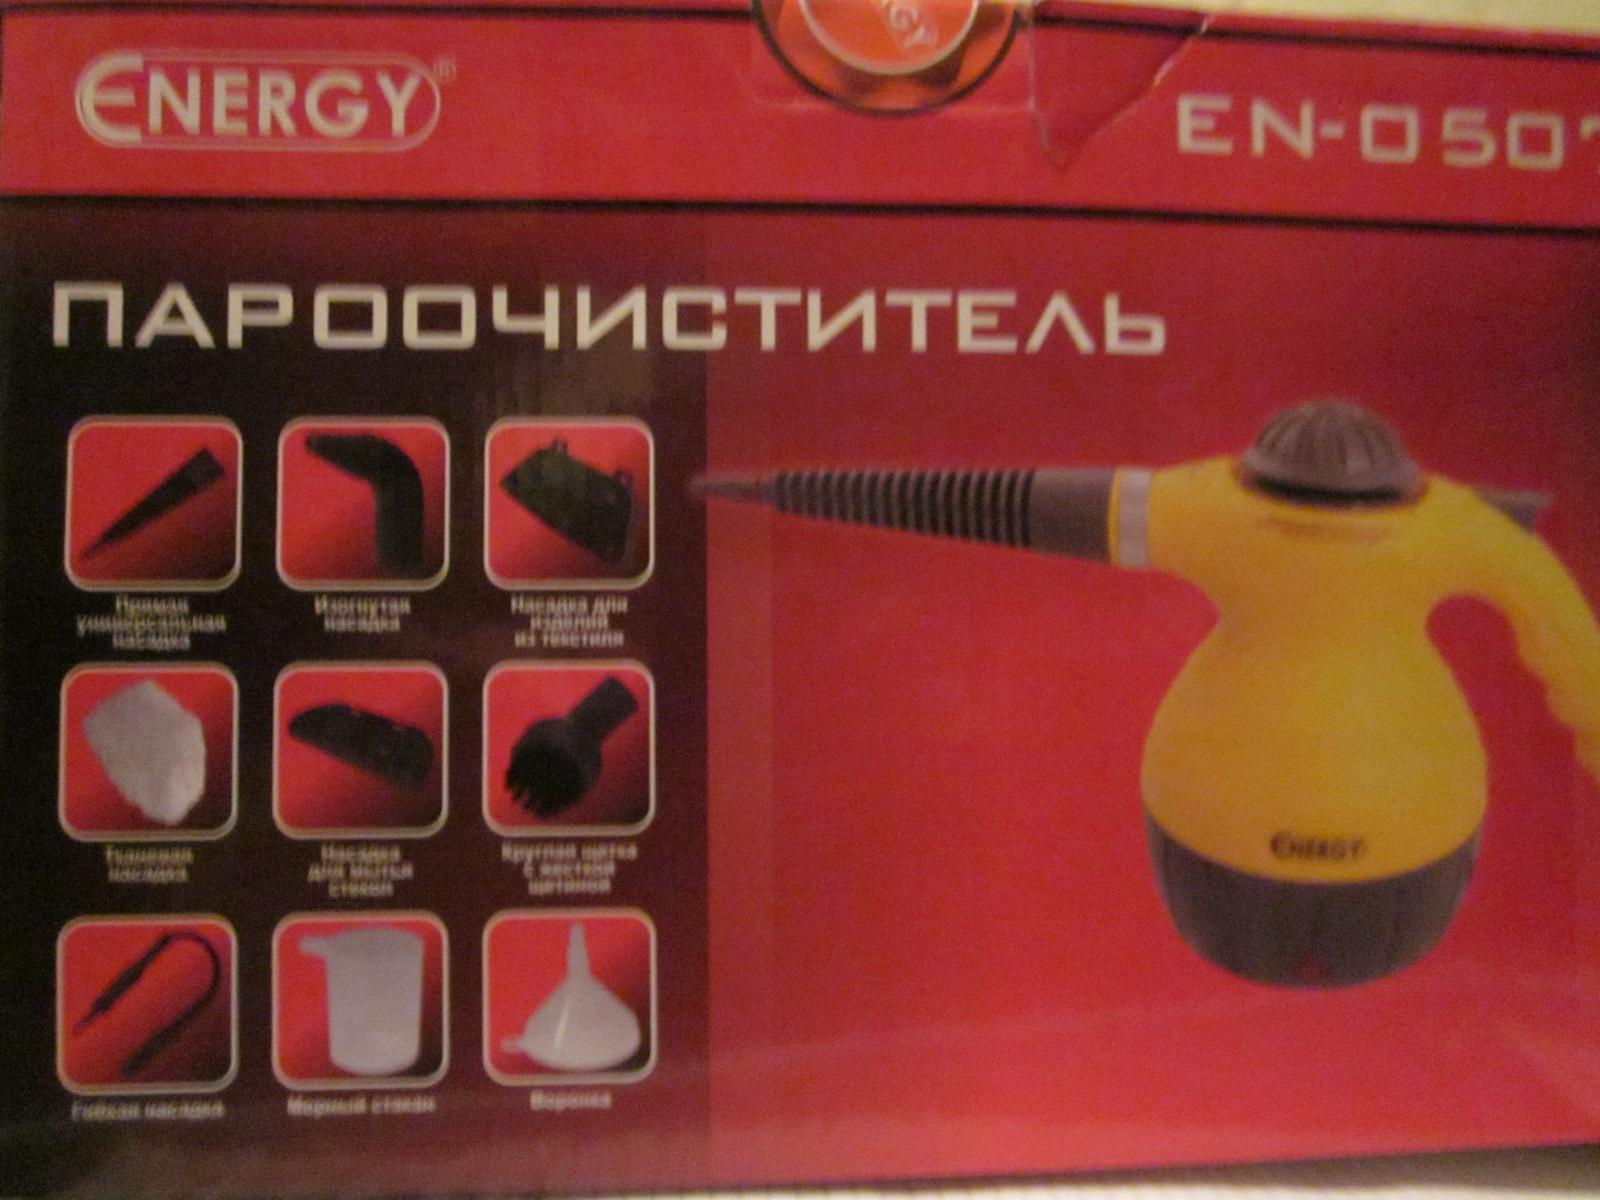 Пароочиститель Energy EN-0507 ручн...